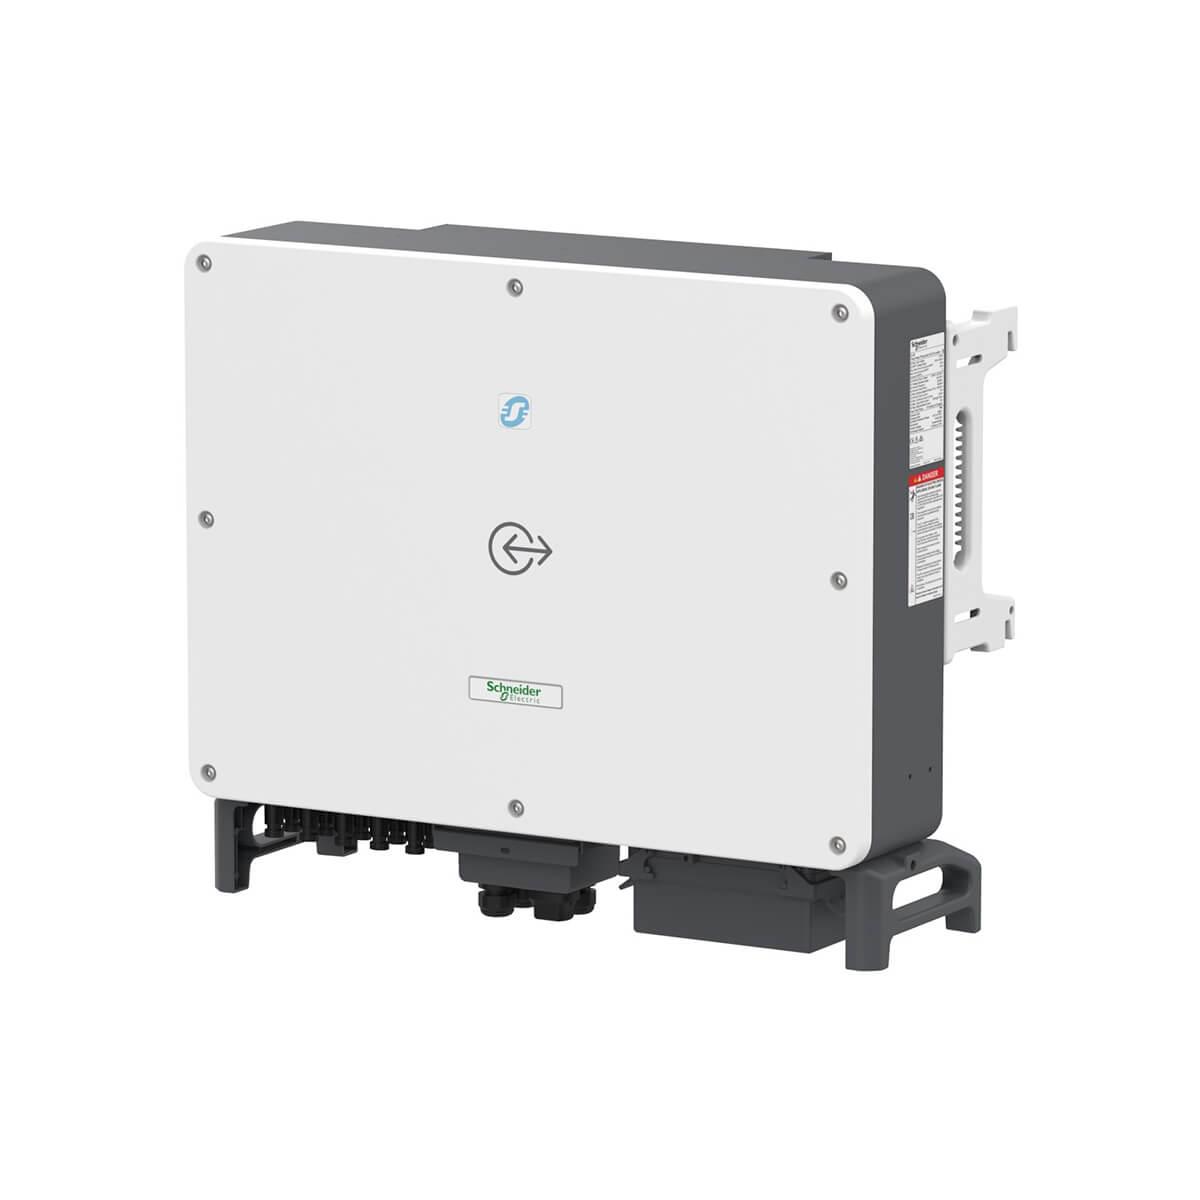 schneider electric 50kW inverter, schneider electric cl 50 50kW inverter, schneider electric cl 50 inverter, schneider electric cl 50, schneider electric 50 kW